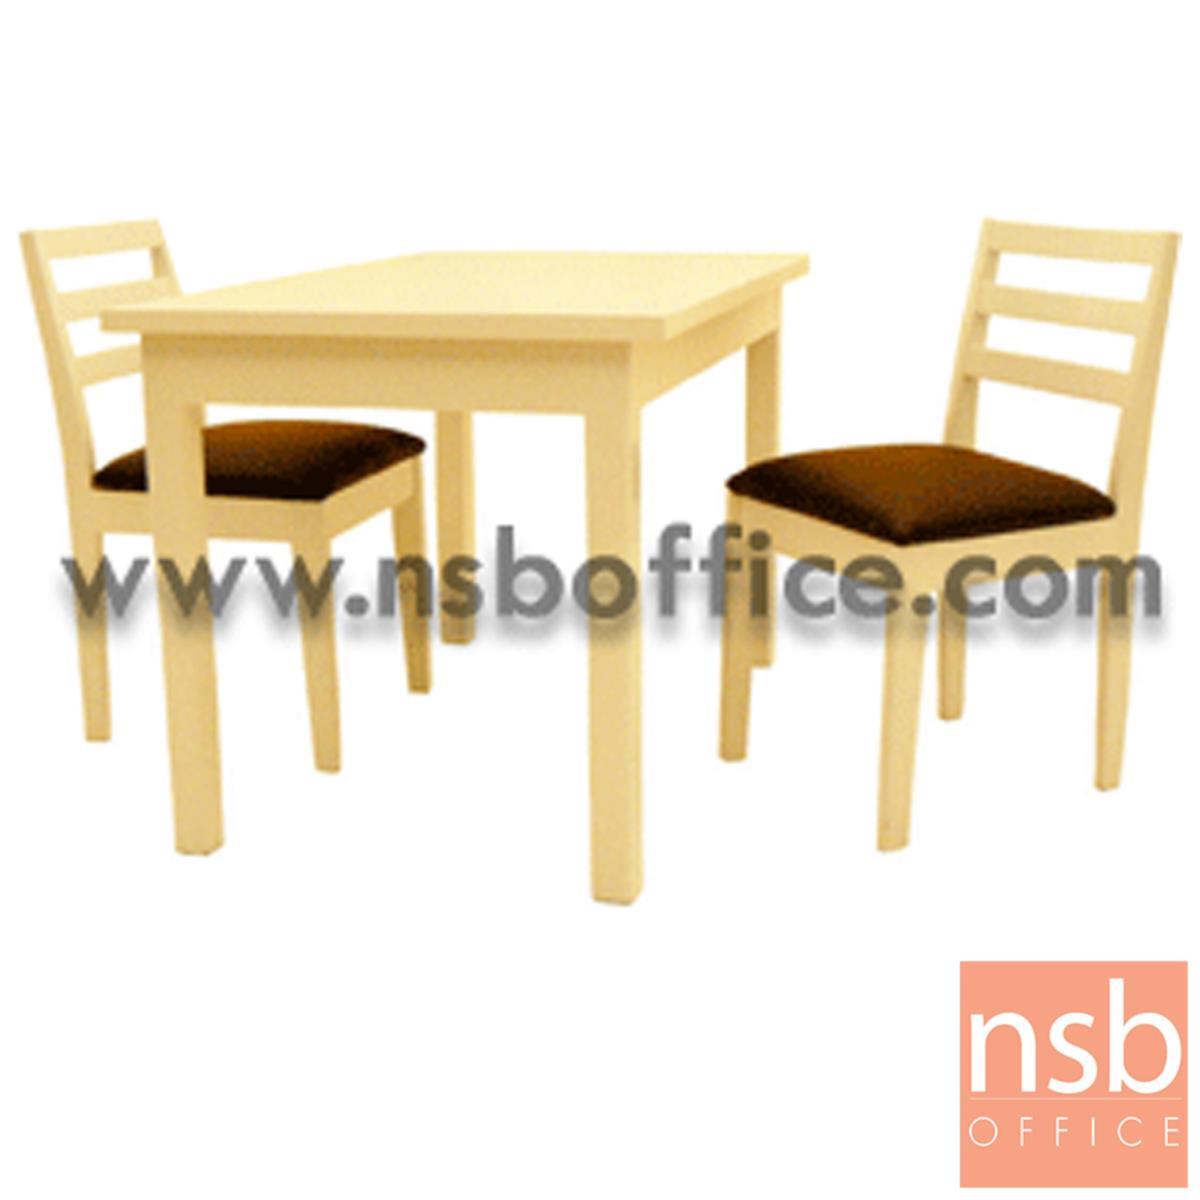 G14A001:ชุดโต๊ะรับประทานอาหารหน้าไม้ยางพารา 2 ที่นั่ง  ขนาด 75W cm.  พร้อมเก้าอี้ ผลิตเฉพาะสีขาวล้วน